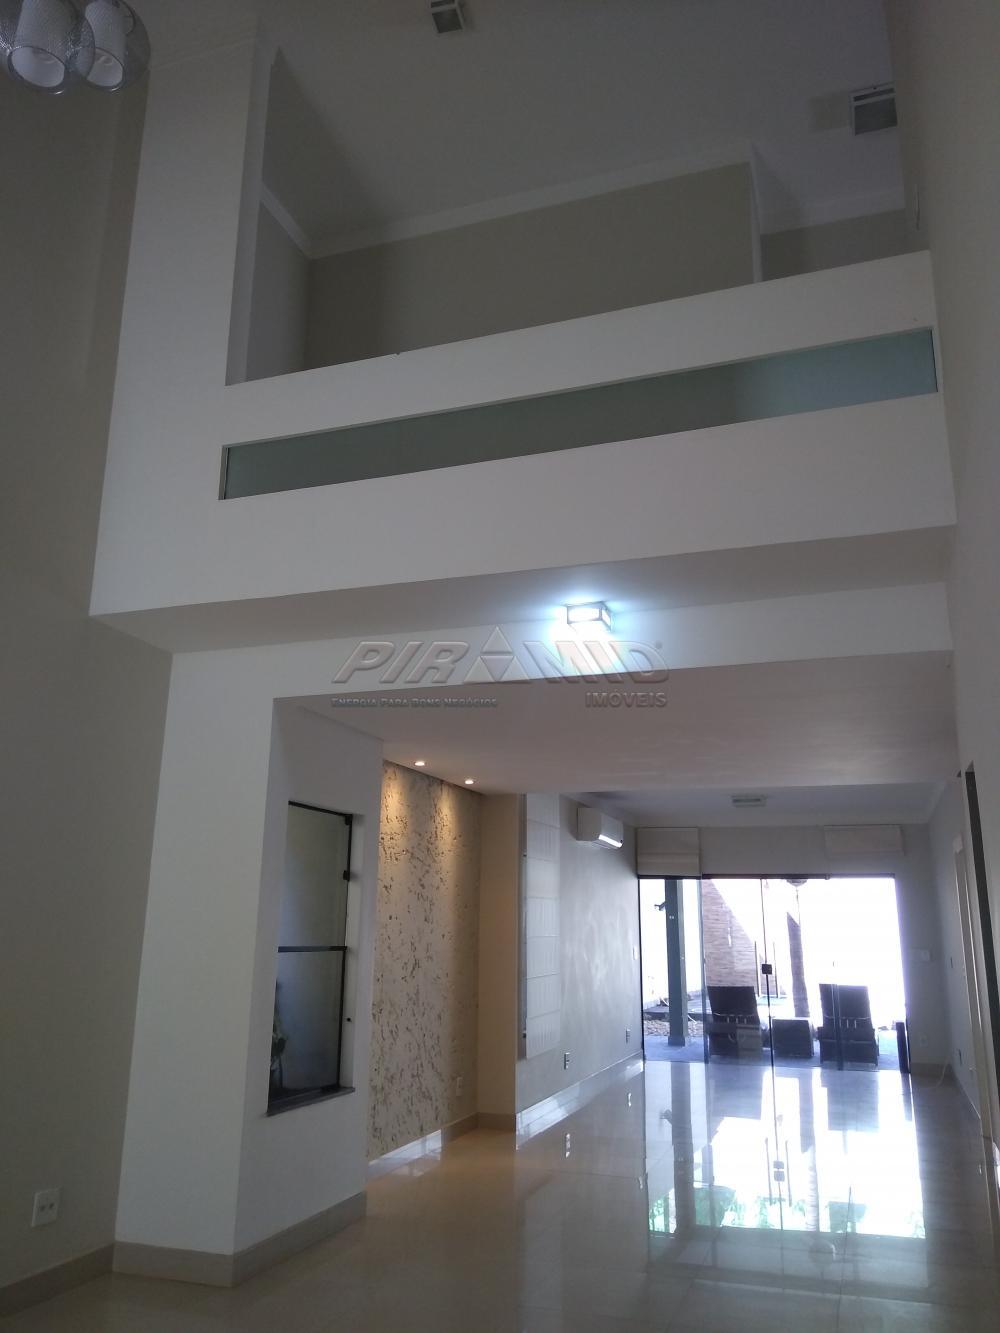 Alugar Casa / Condomínio em Ribeirão Preto R$ 7.500,00 - Foto 2